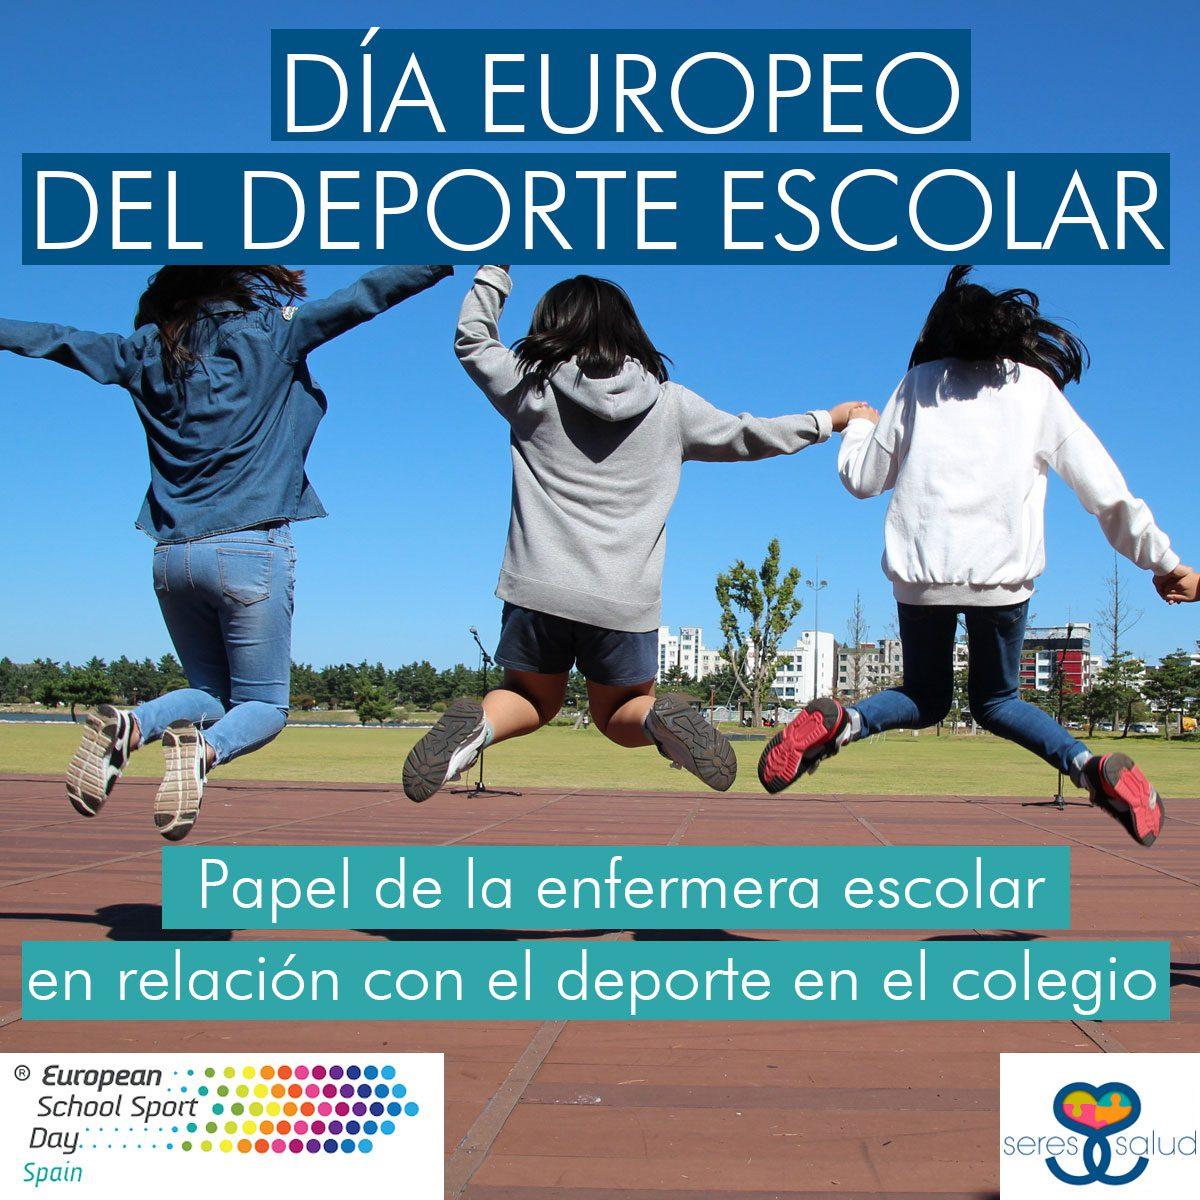 Día Europeo del deporte Escolar, enfermera escolar, enfermería escolar, servicio de salud escolar, educación para la salud, asesoría en salud, enfermera en el colegio, Seres Salud, Los beneficios del ejercicio físico en los niños, beneficios del deporte en los niños, El deporte y la salud en los niños, beneficios de hacer deporte en niños.